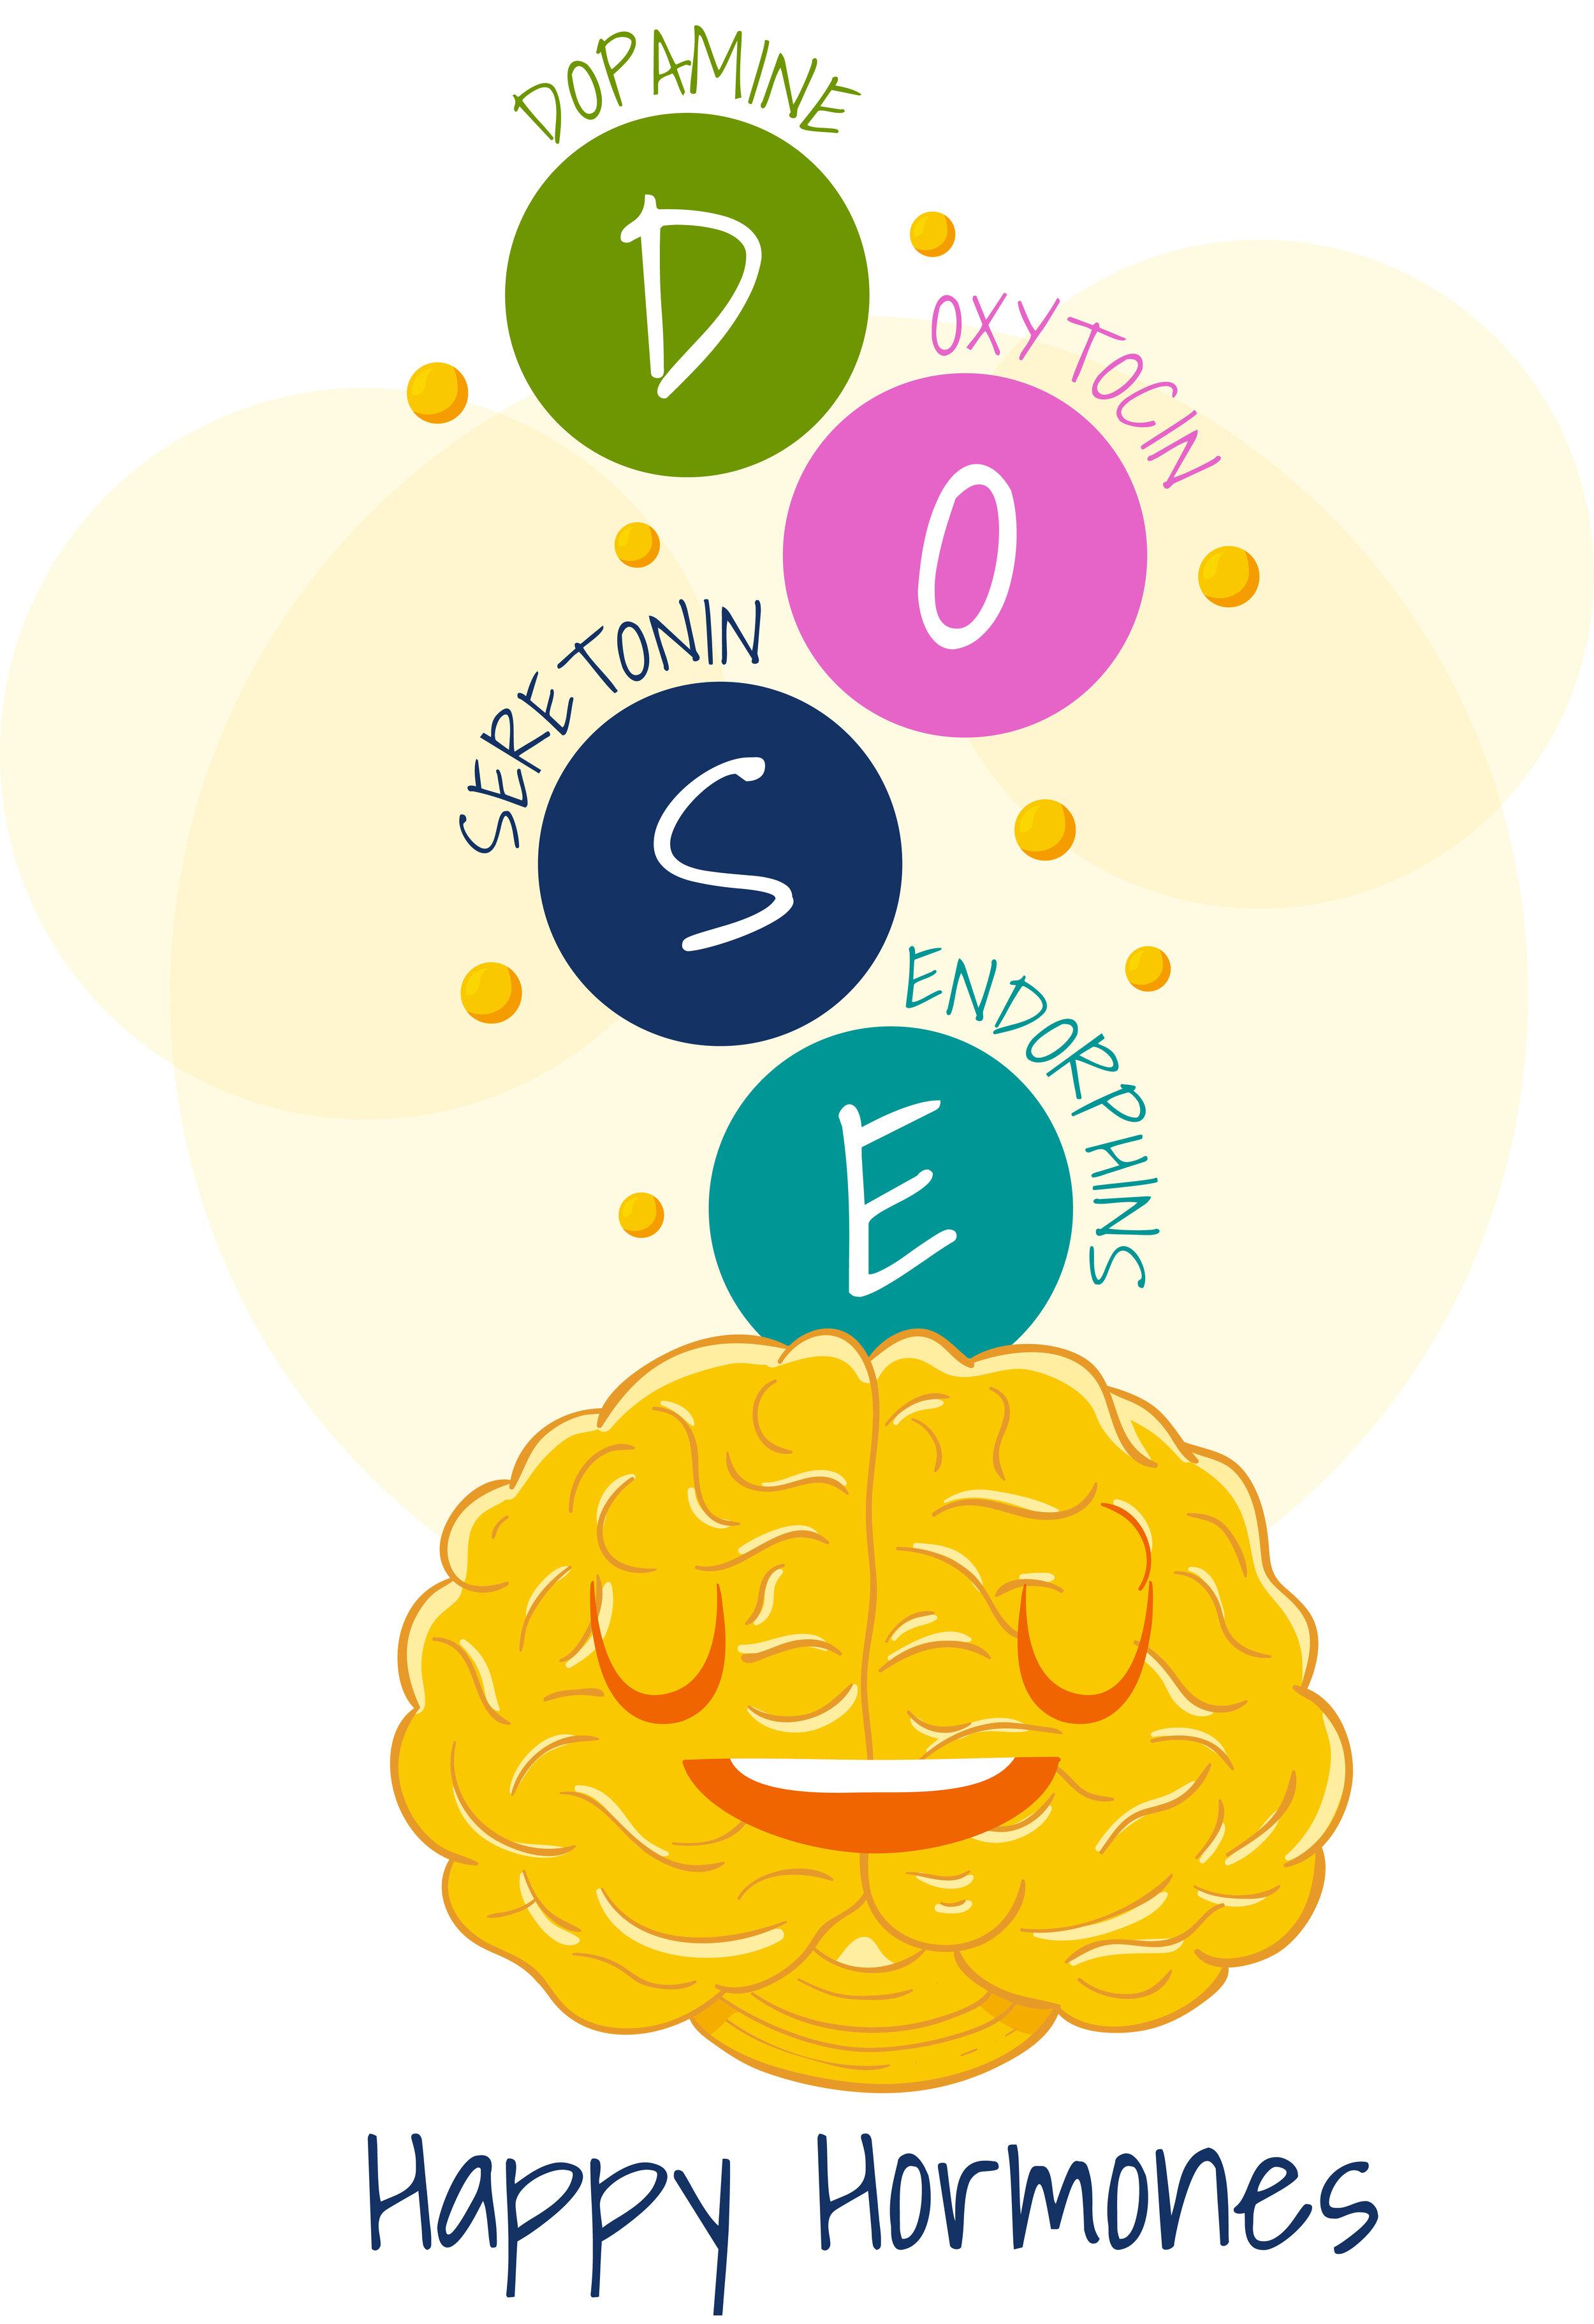 Happiness Habits - Simple habits to increase happy hormones — Traxiom